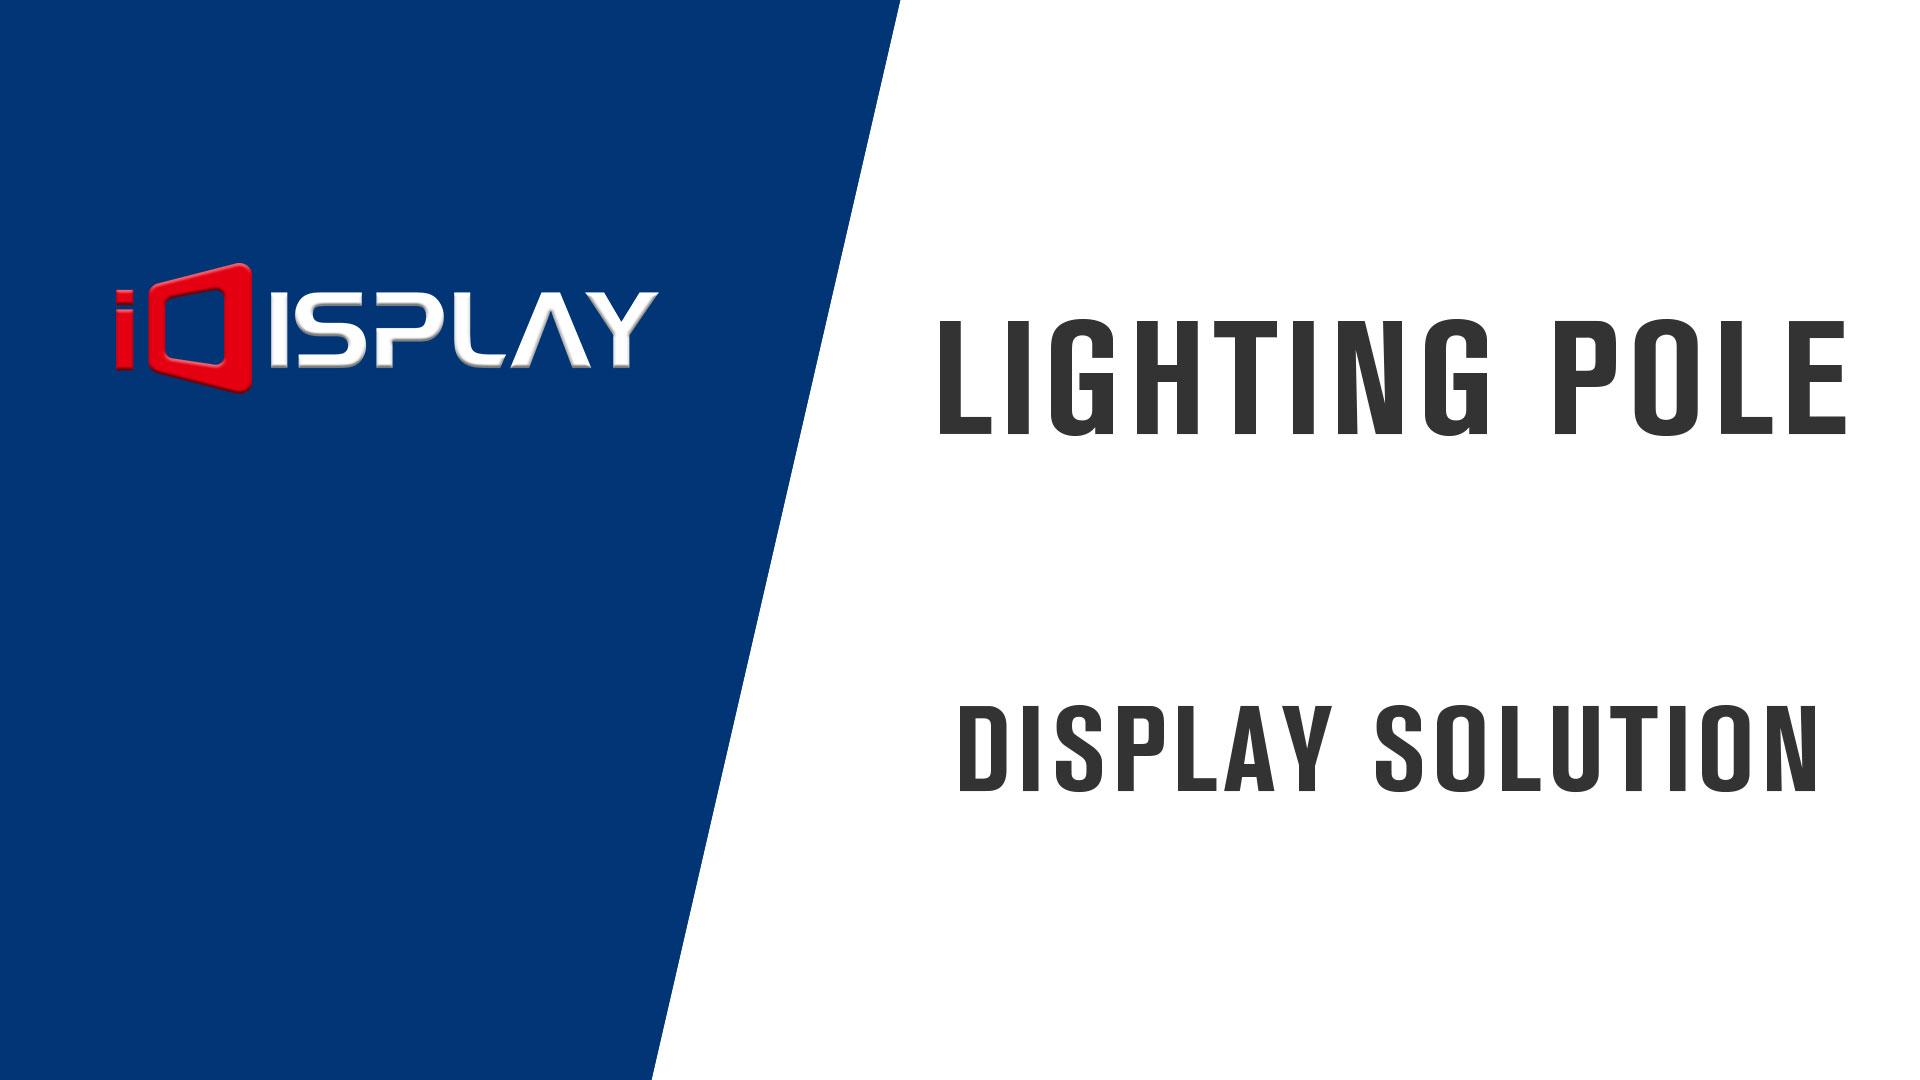 灯杆led显示屏解决方案介绍